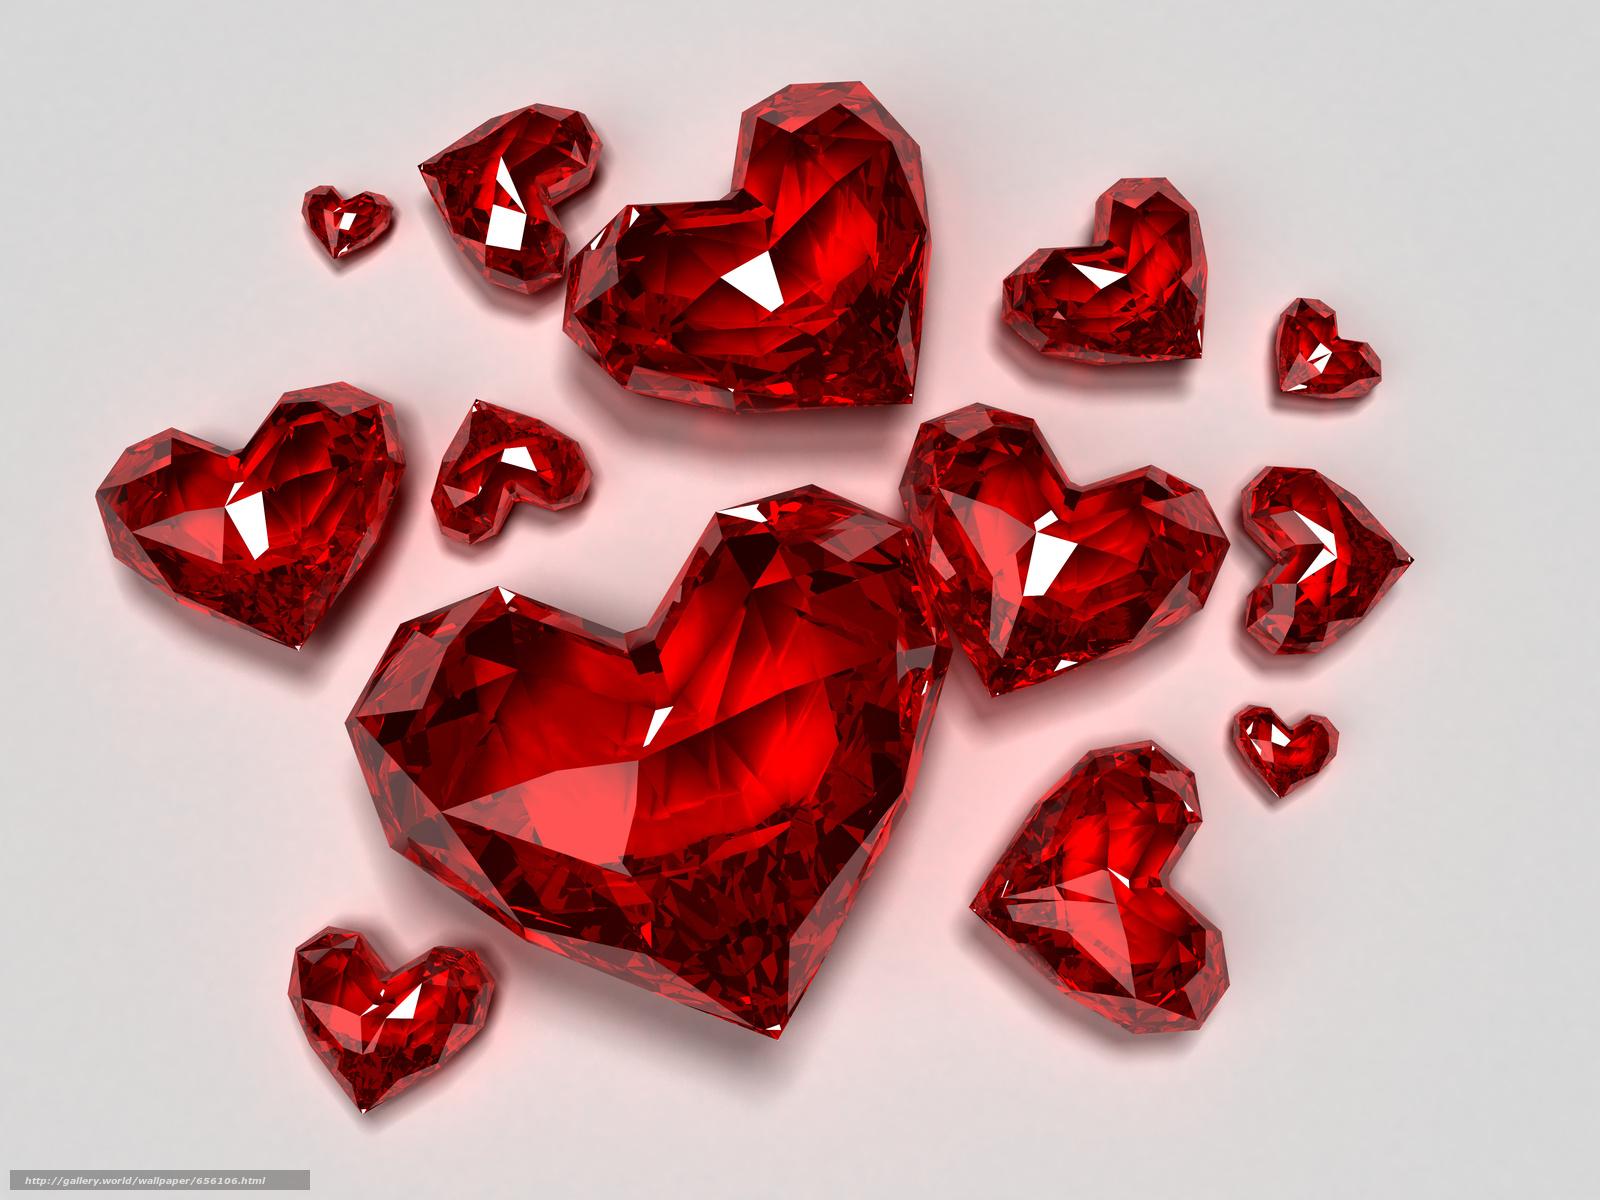 Скачать обои обои от Kisenok,  день святого валентина,  день всех влюбленных,  праздник бесплатно для рабочего стола в разрешении 5000x3750 — картинка №656106